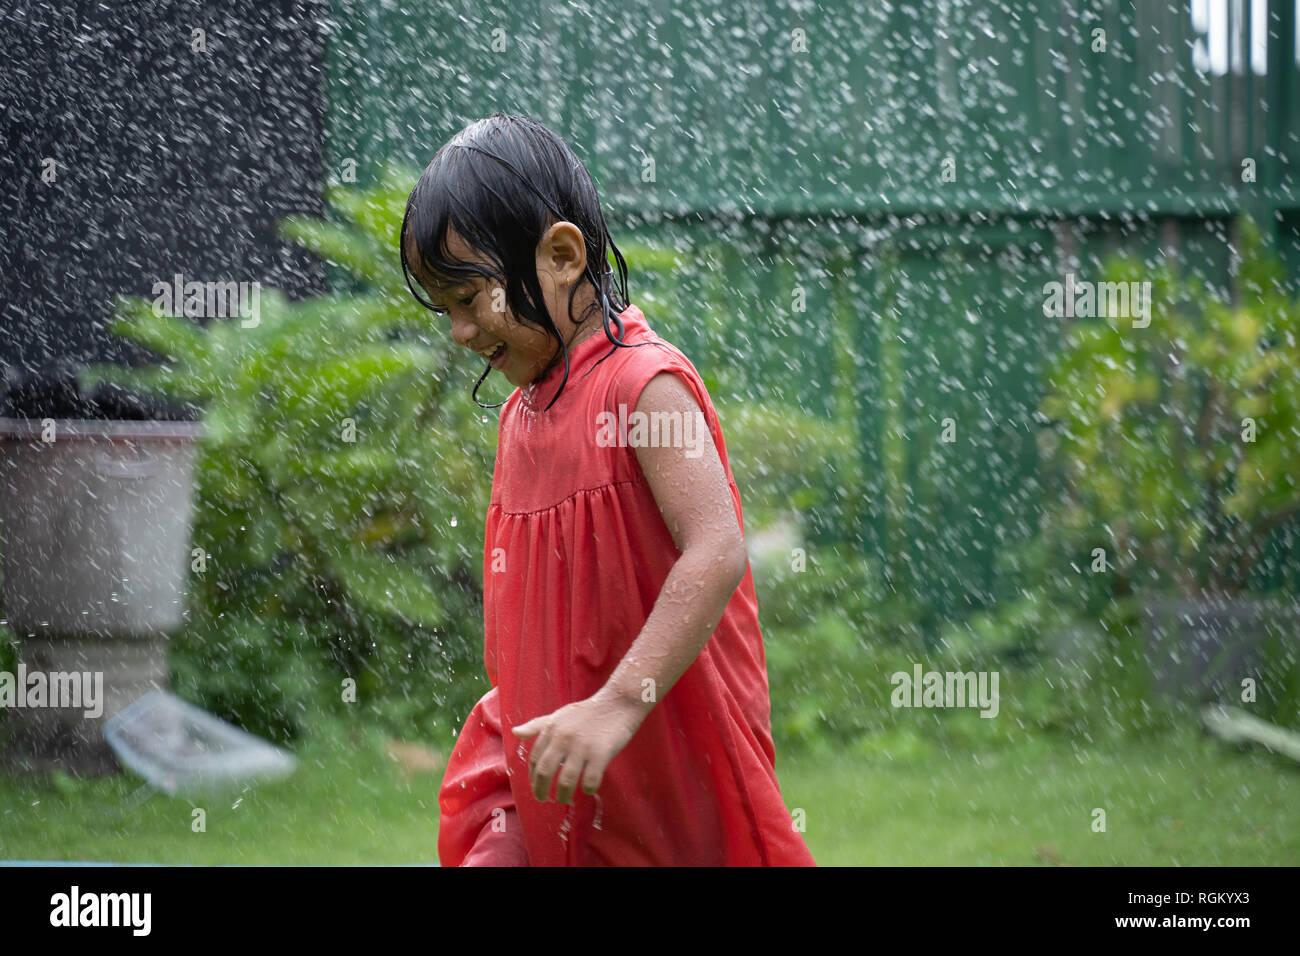 kid enjoying playing with water splash in garden - Stock Image